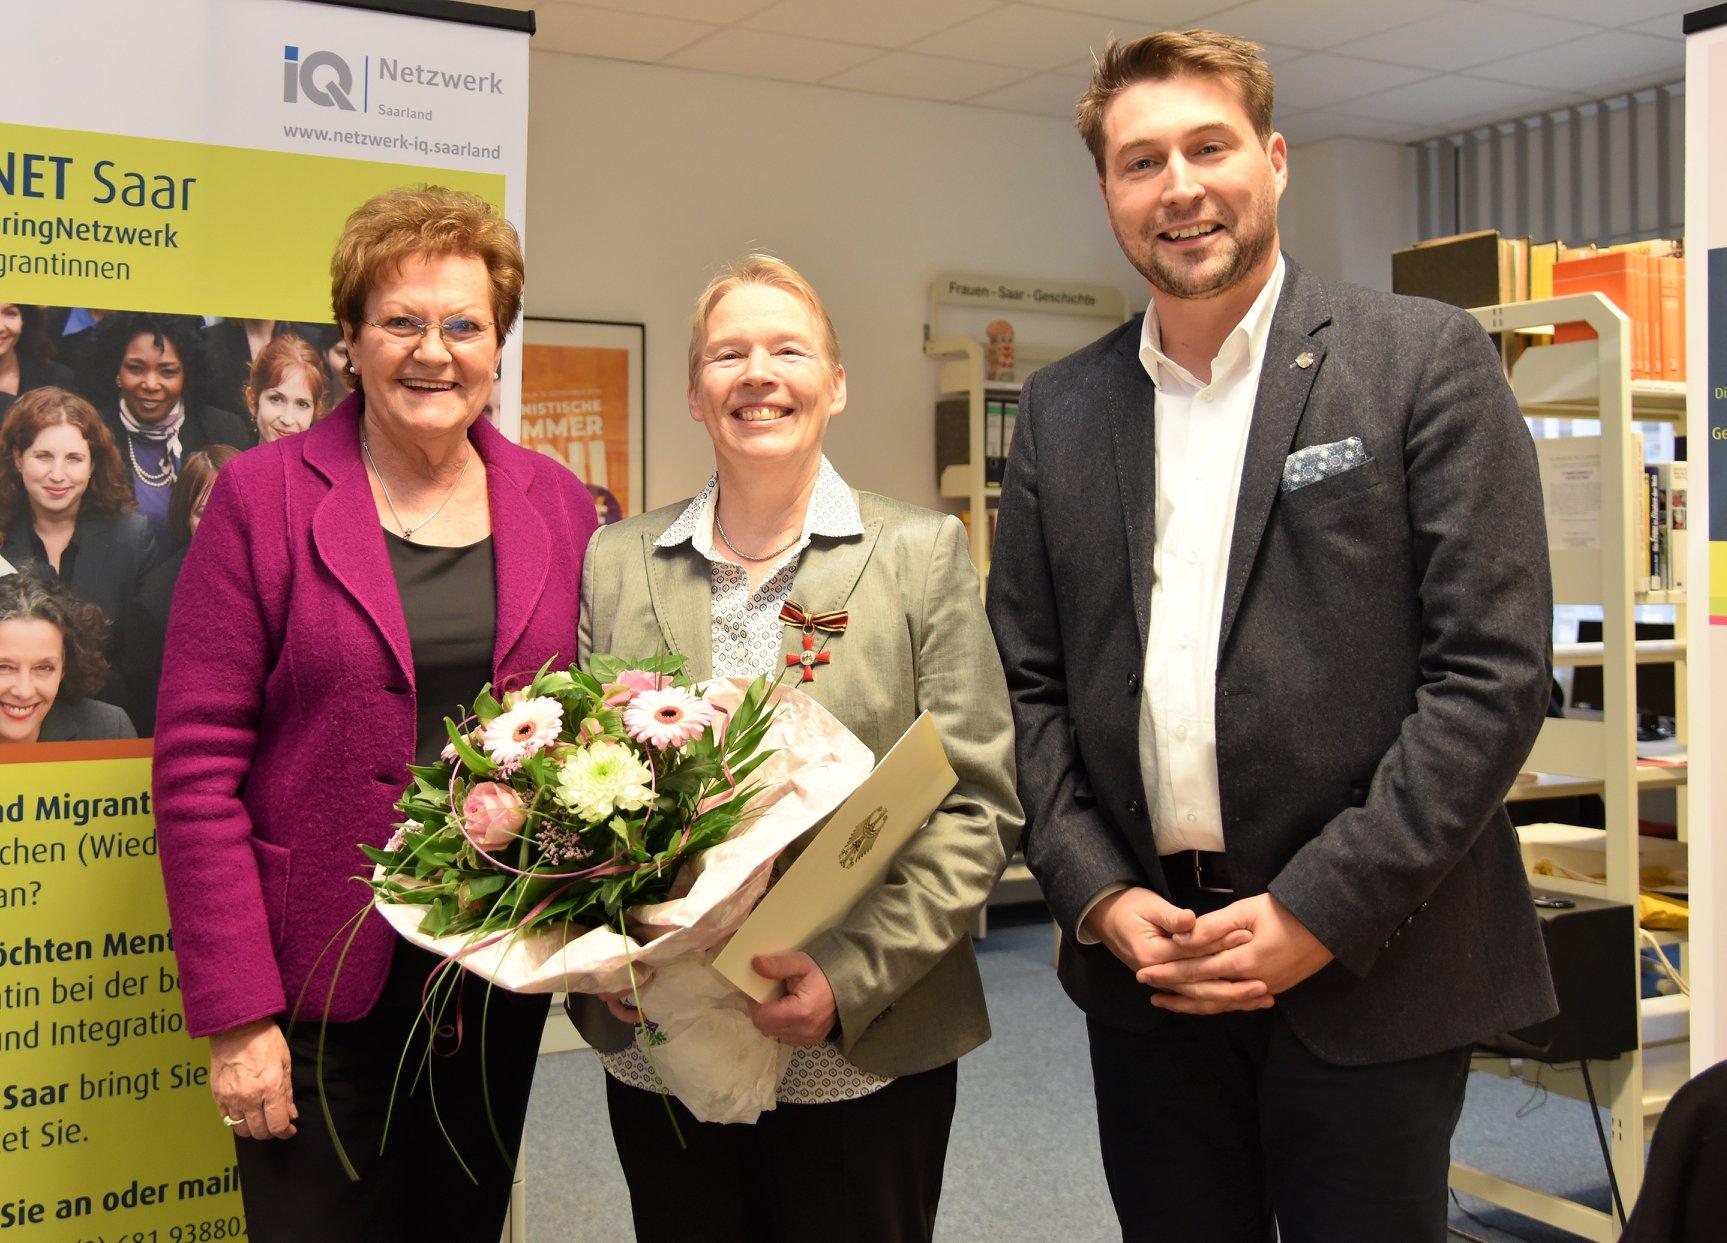 Dr. Annette Keinhorst, Gründerin der FrauenGenderBibliothek Saar, erhält das Bundesverdienstkreuz